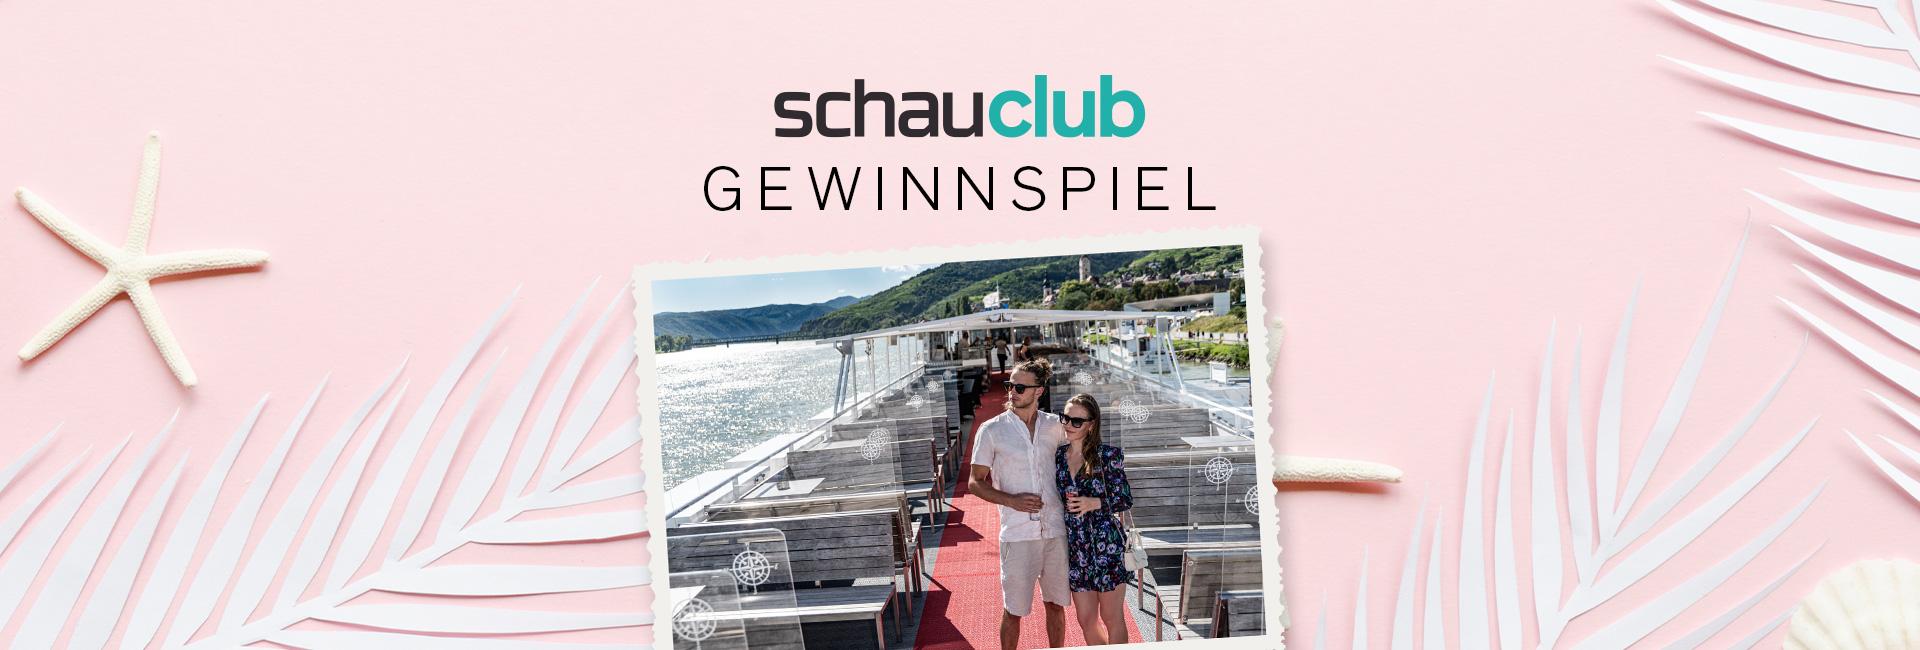 ⛱ Große Wachauschifffahrt mit DDSG Blue Danube